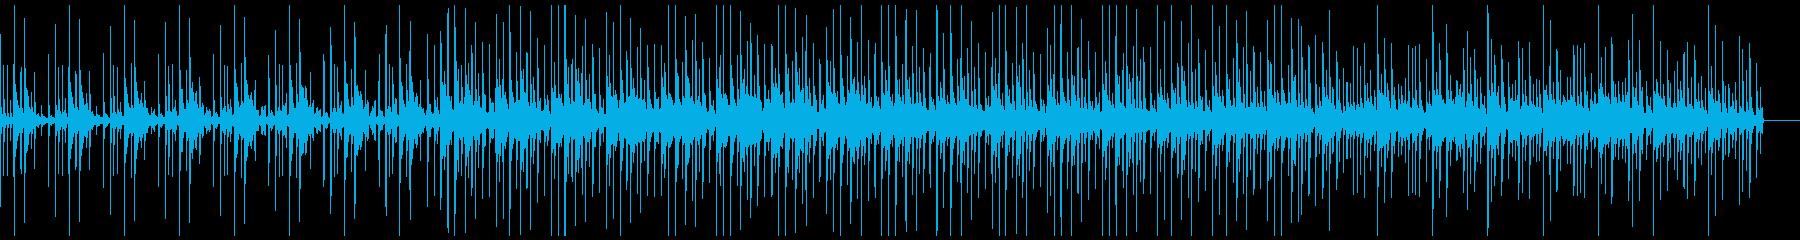 催眠シンセパッドでのゆったりしたパ...の再生済みの波形